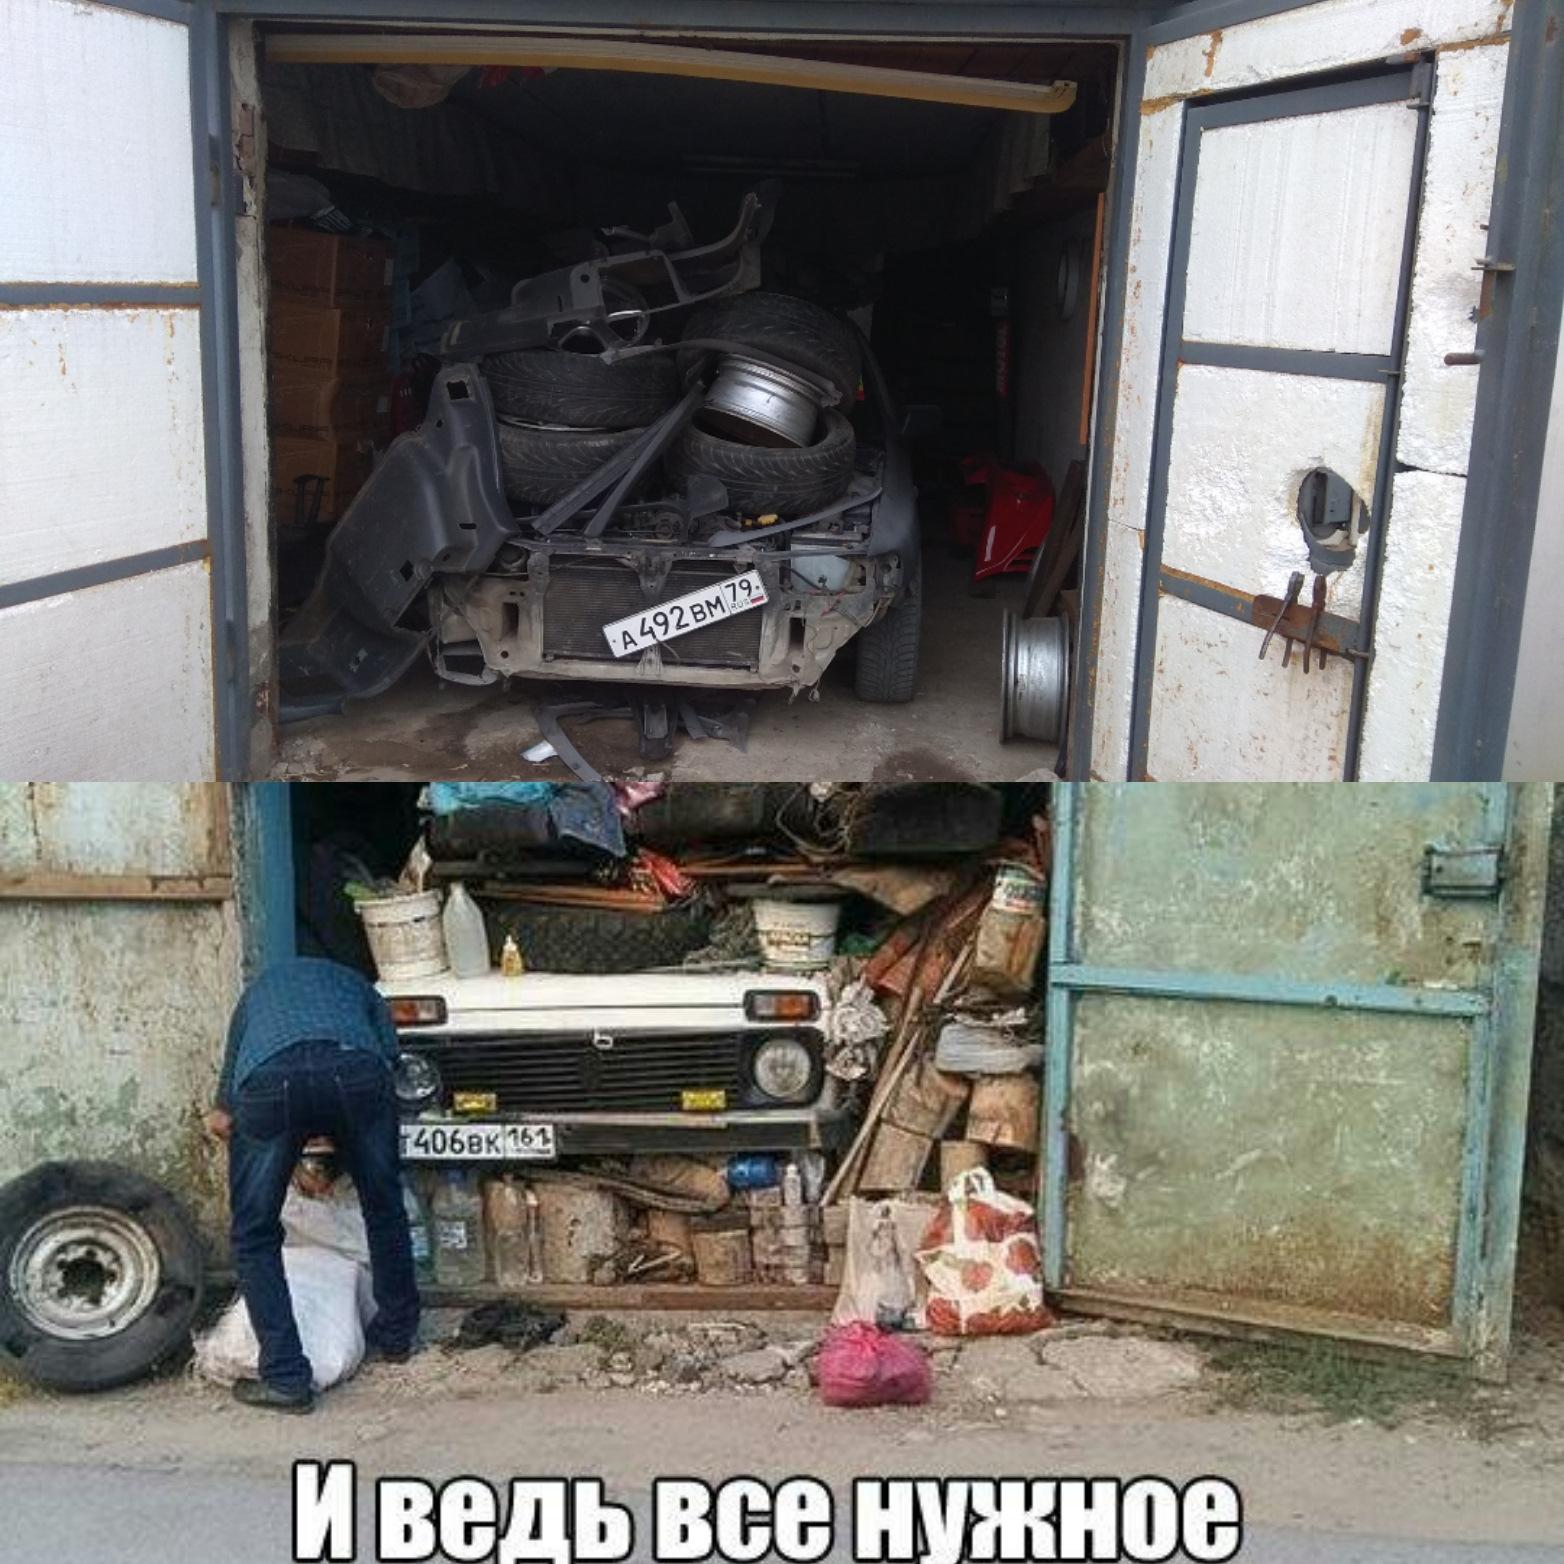 Авось пригодится